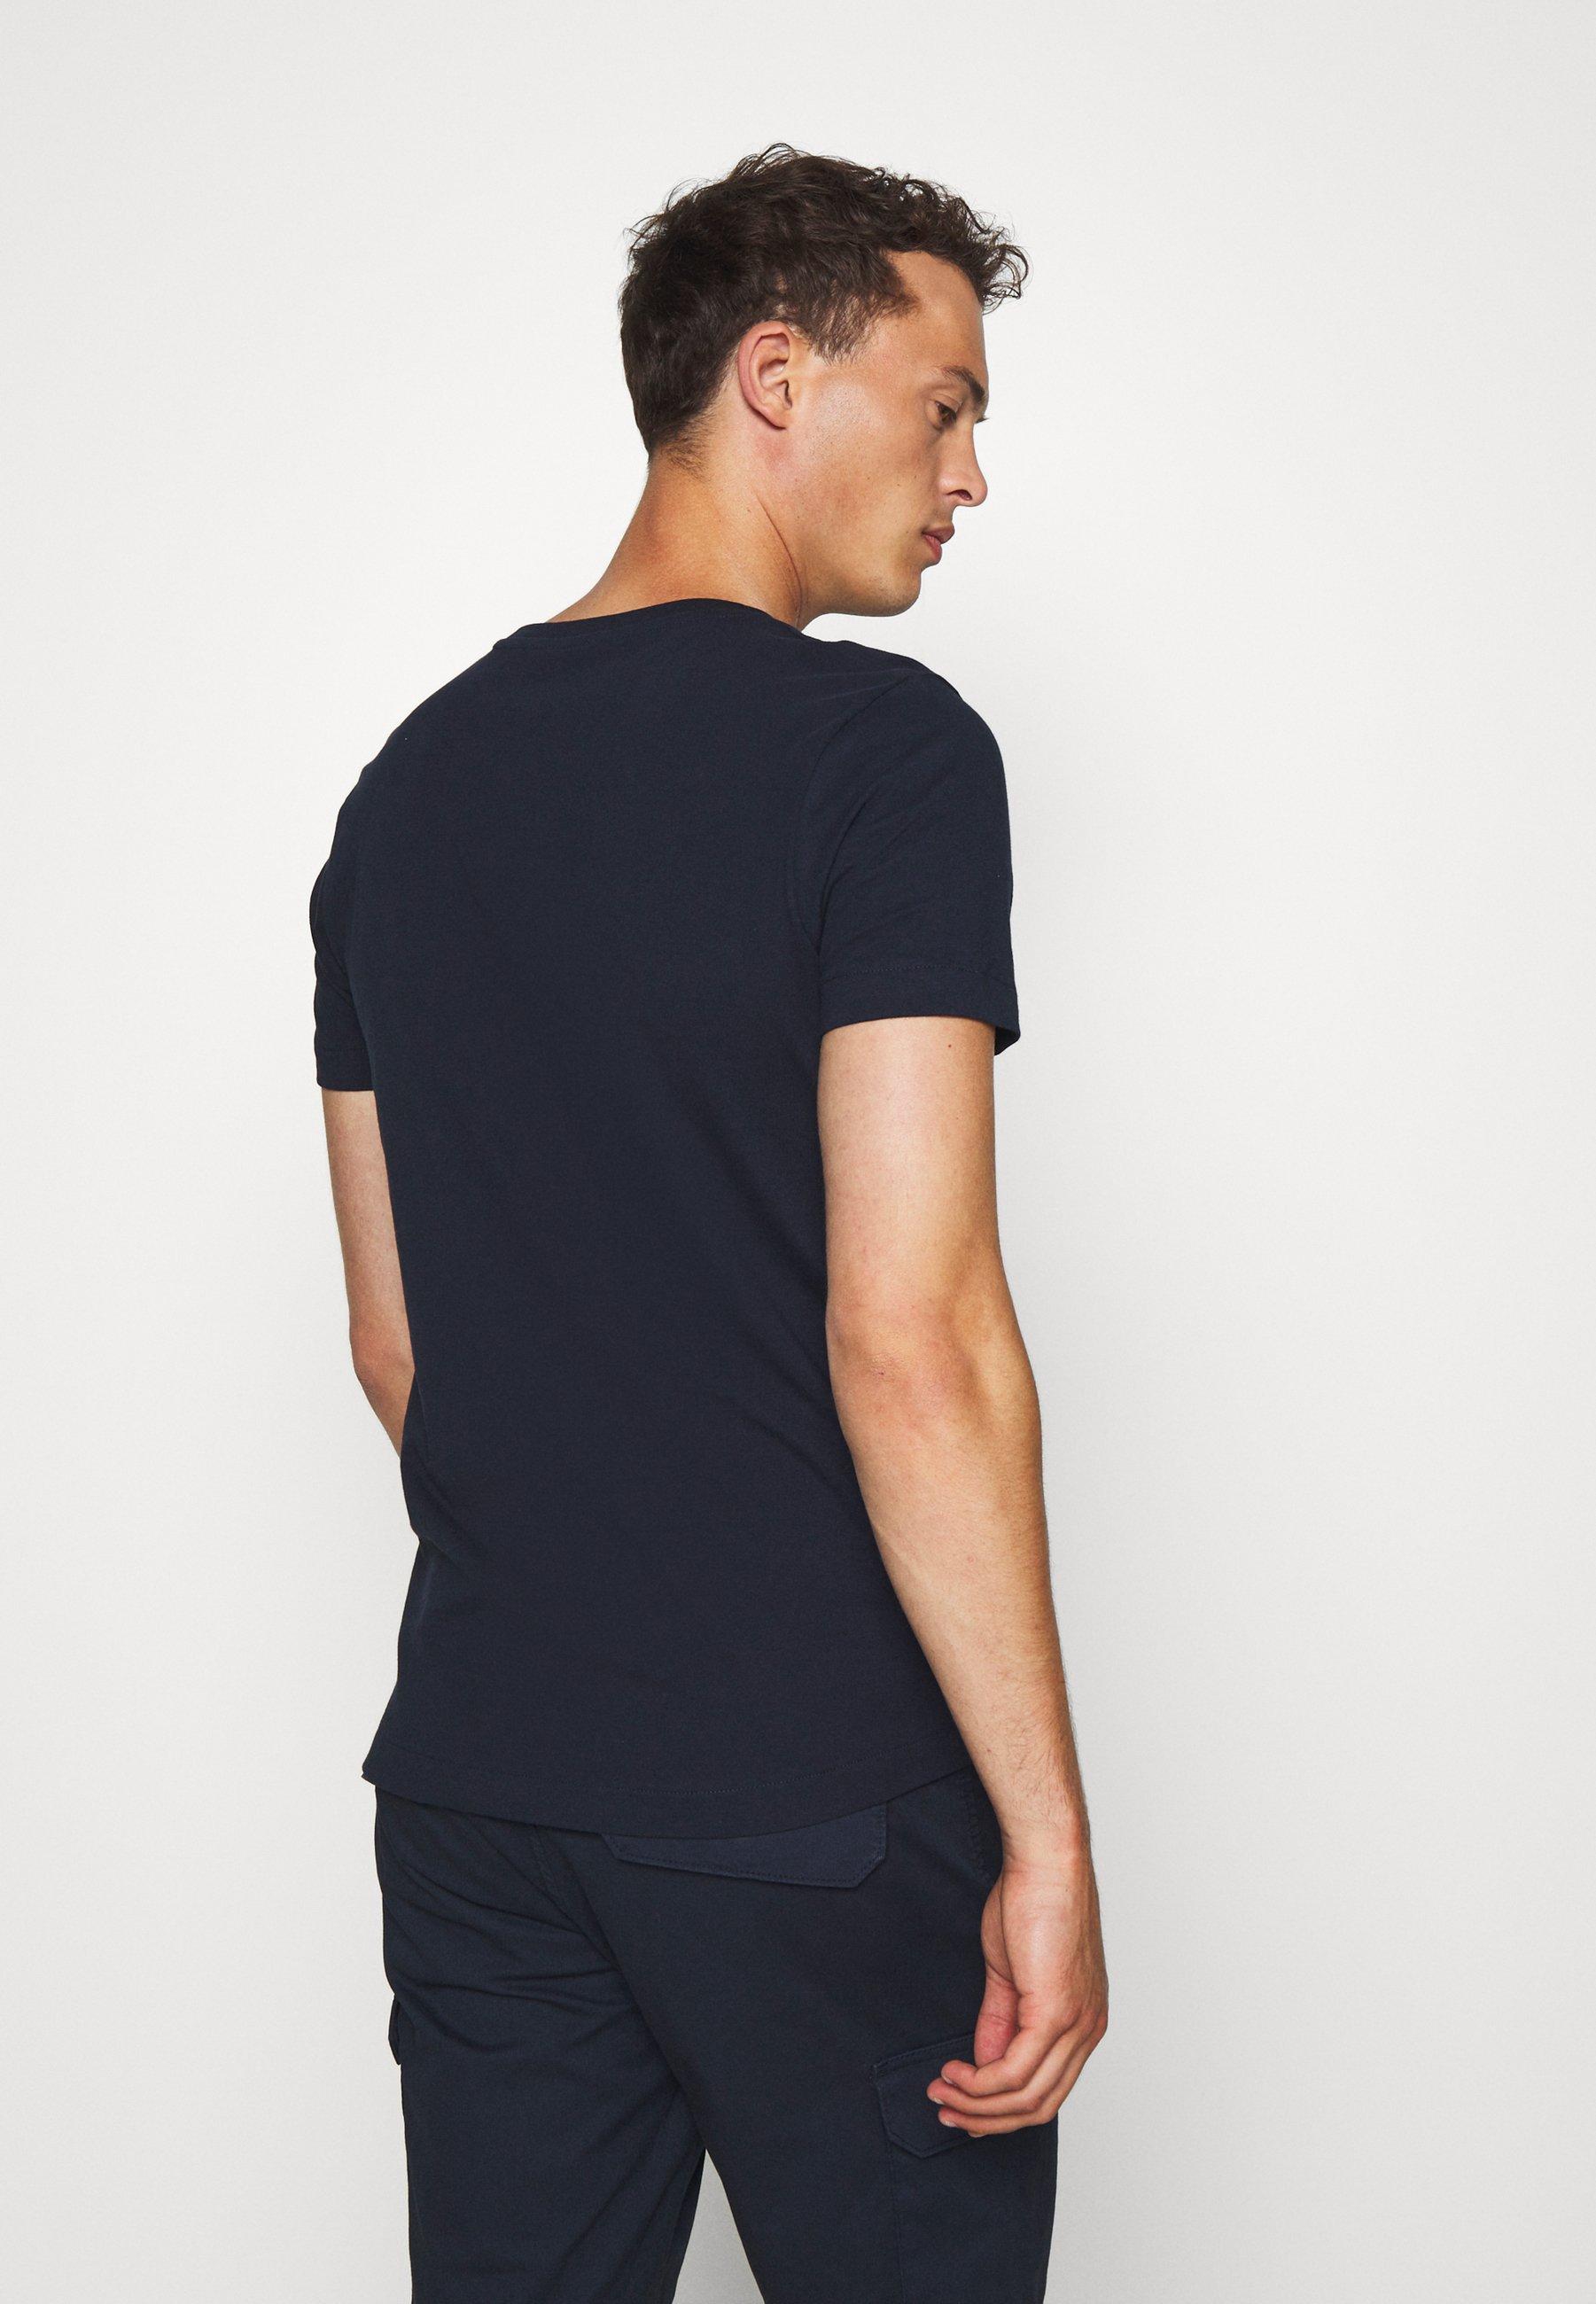 TOM TAILOR DENIM Print T-shirt - sky captain blue eqoqP